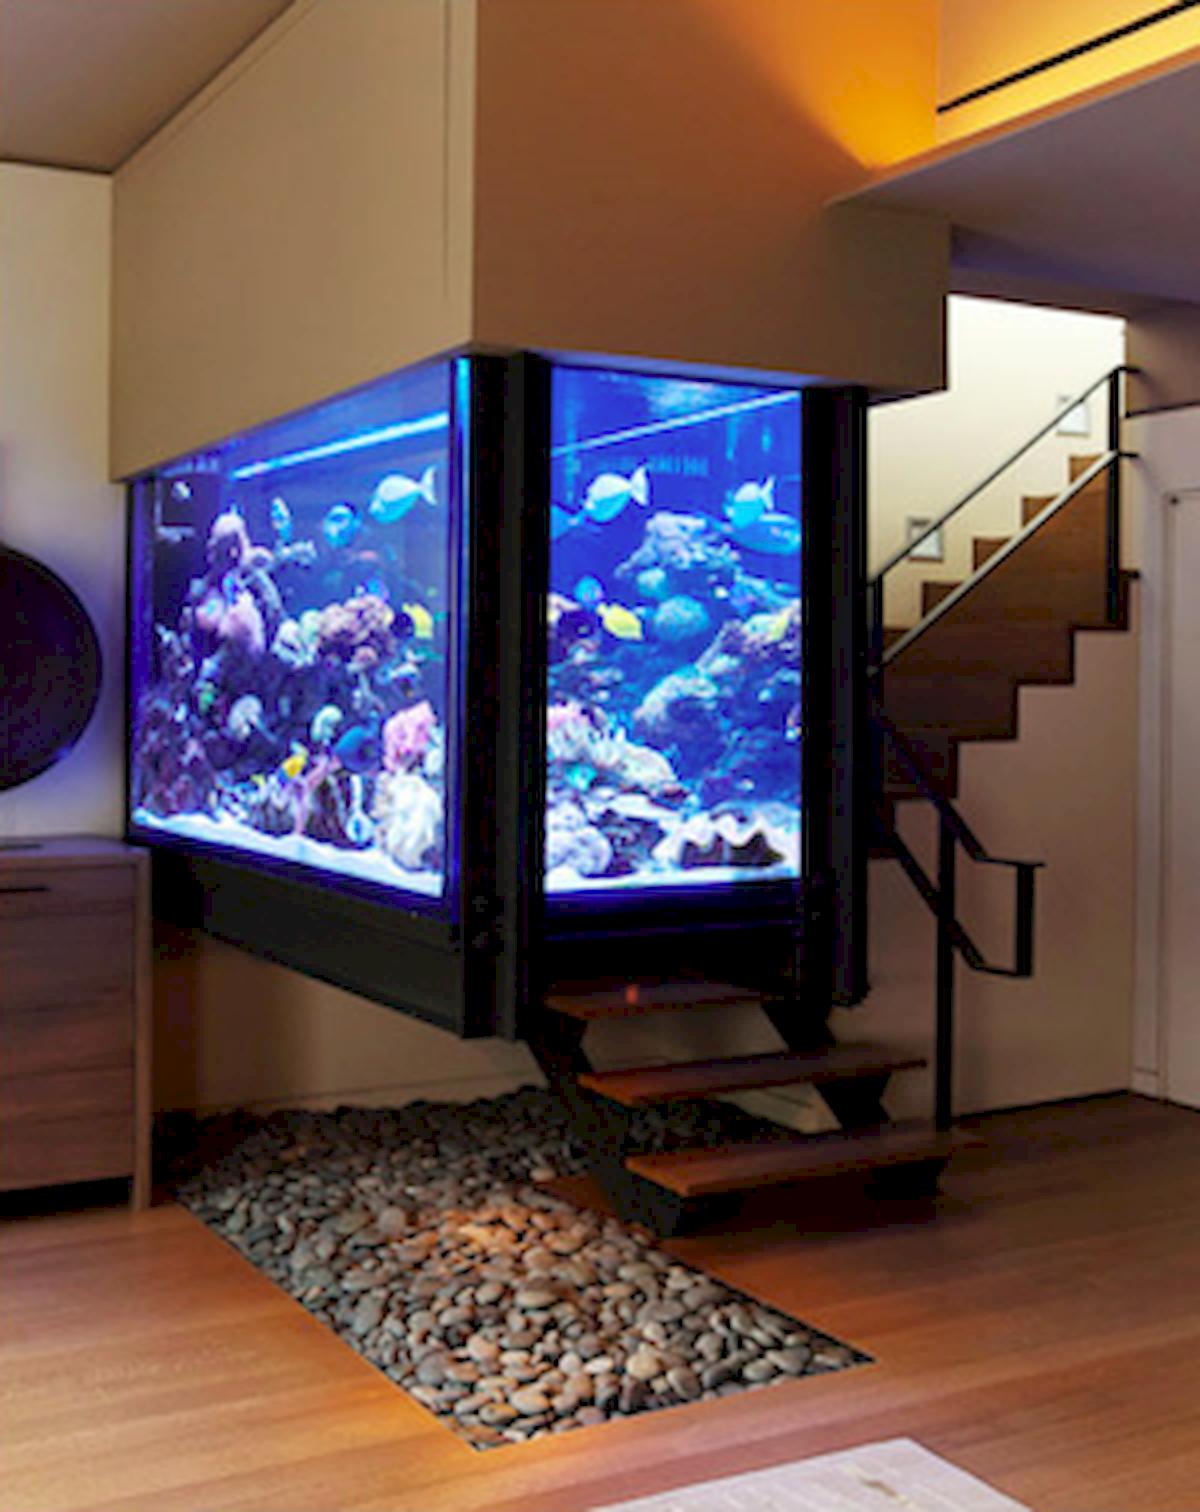 Home Aquarium Design Ideas: Aquarium Wall Decorating